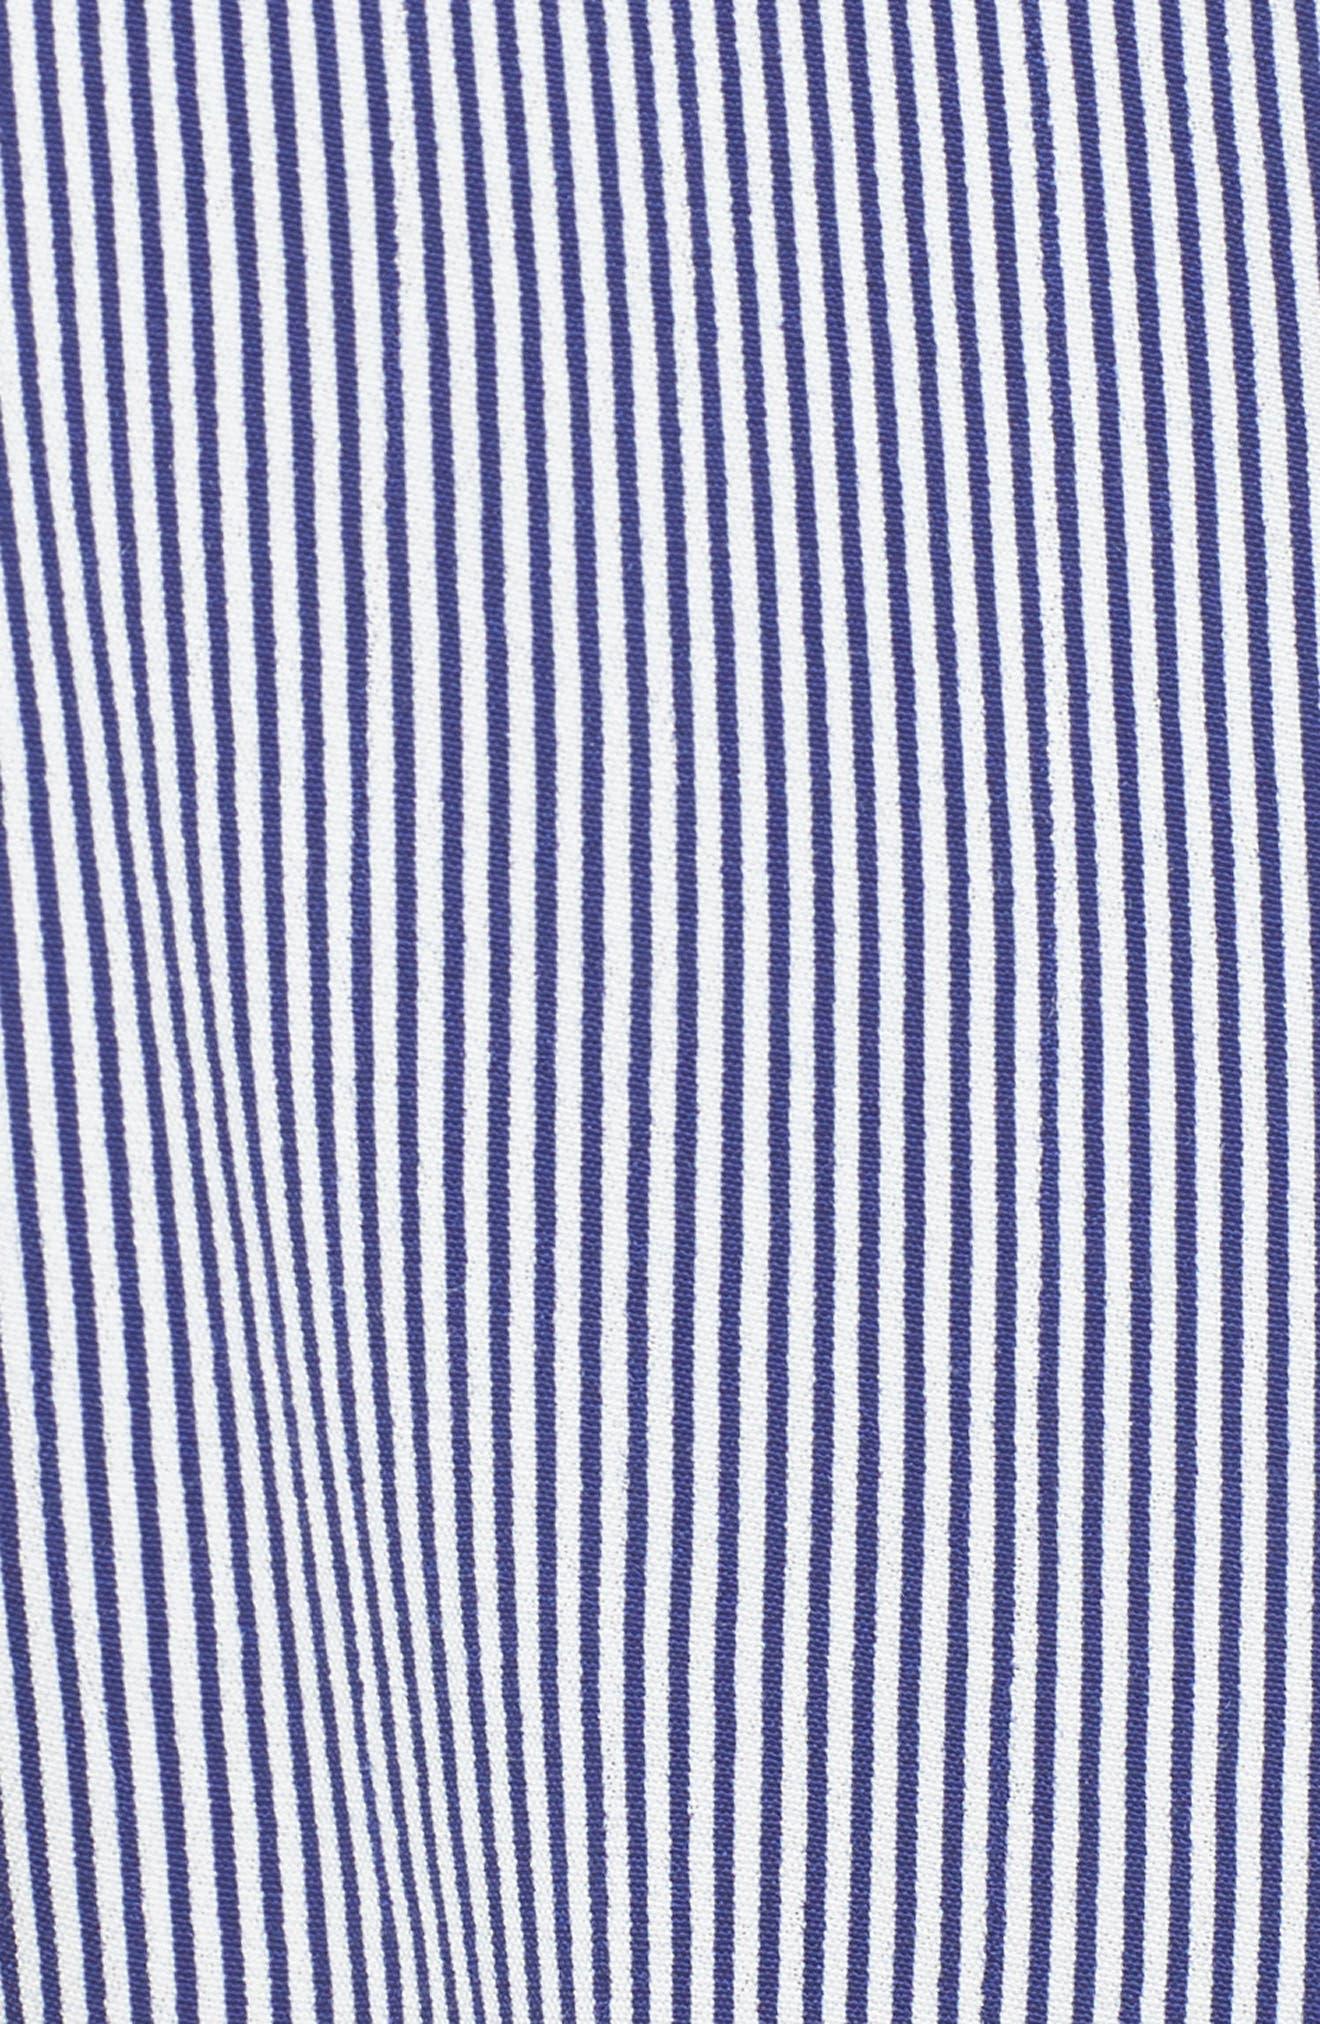 Nova Stripe Lace-Up Shirtdress,                             Alternate thumbnail 6, color,                             400